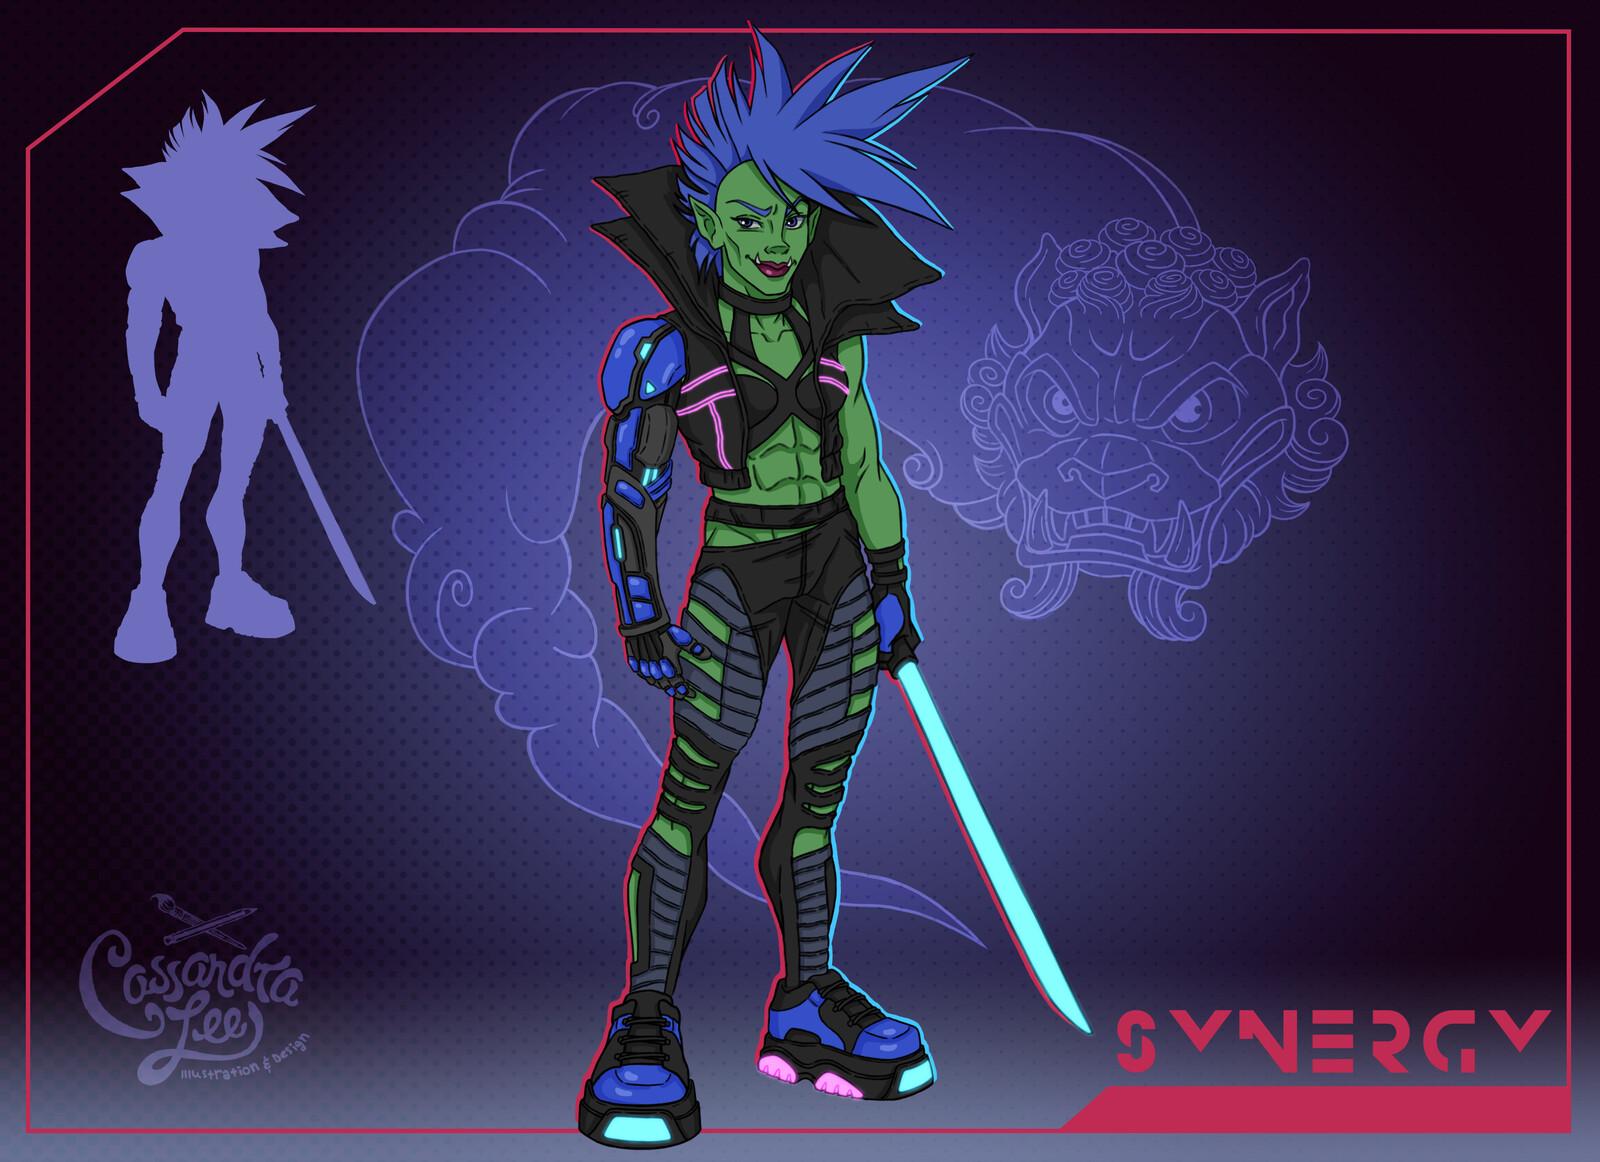 Cyberpunk Orc